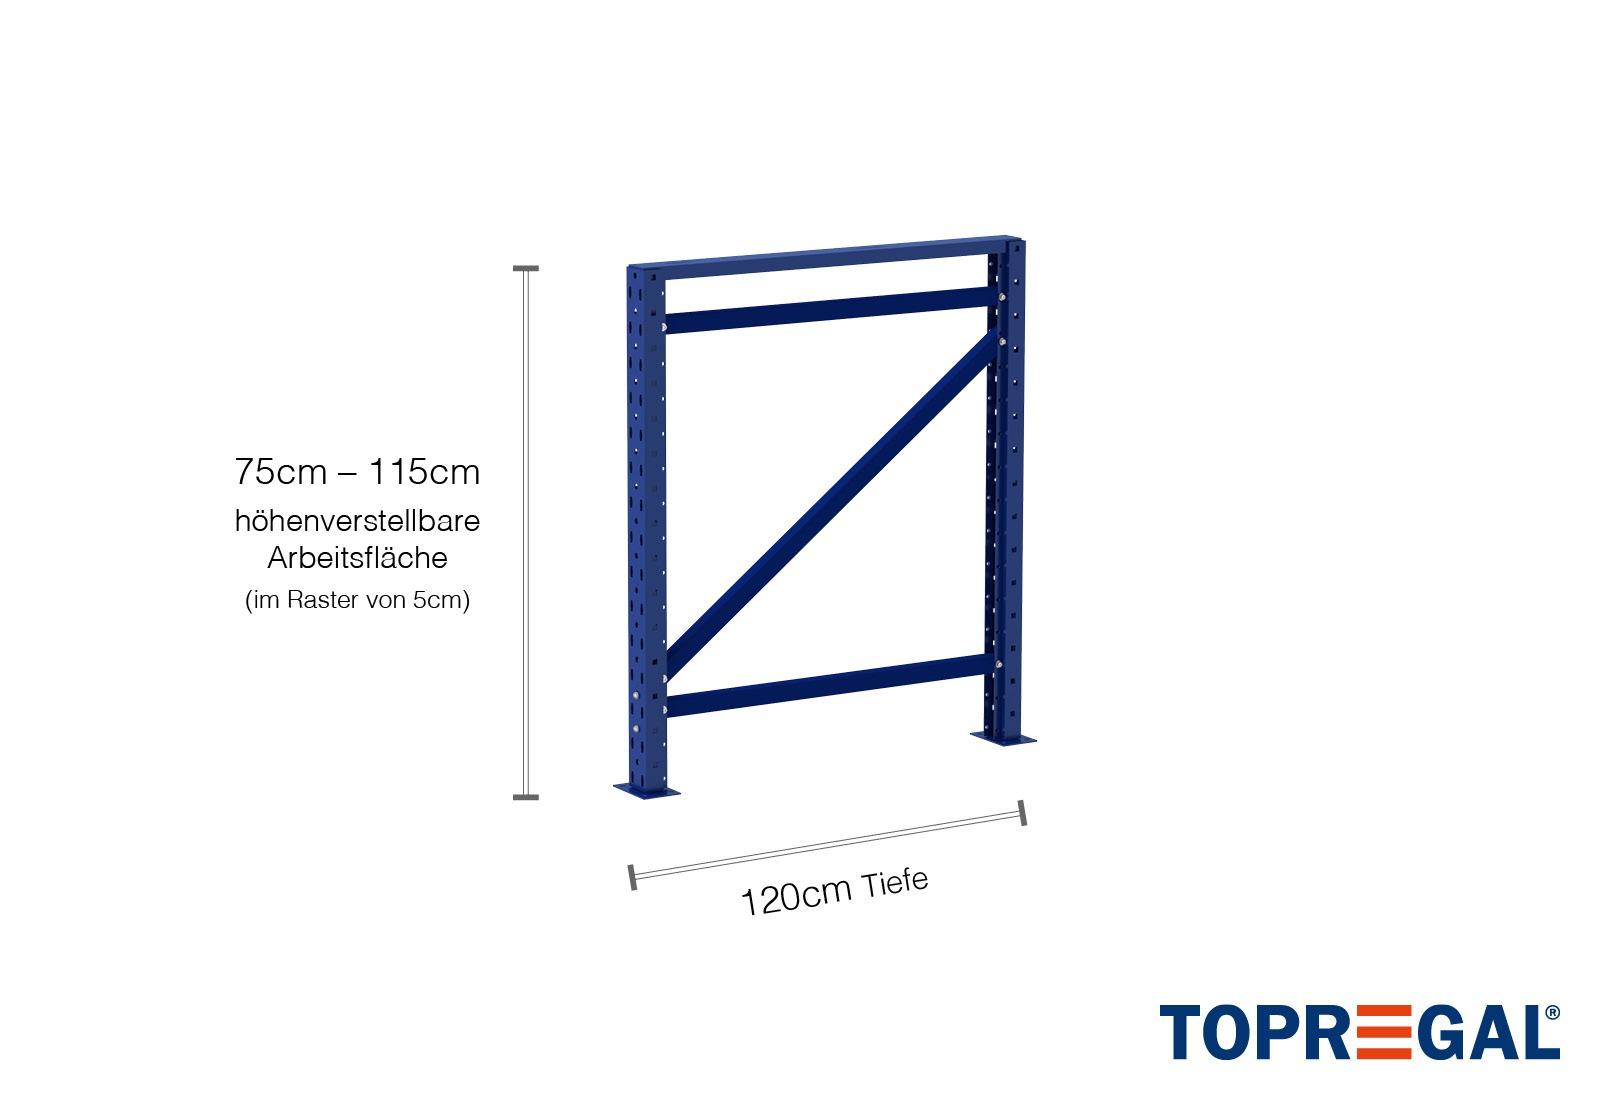 Table Travail Pour Rayonnage Stockage Table De Base De 2 3m Hauteur De Table De 75 à 115cm Profondeur 120cm Avec 2 Niveaux étagères En Bois